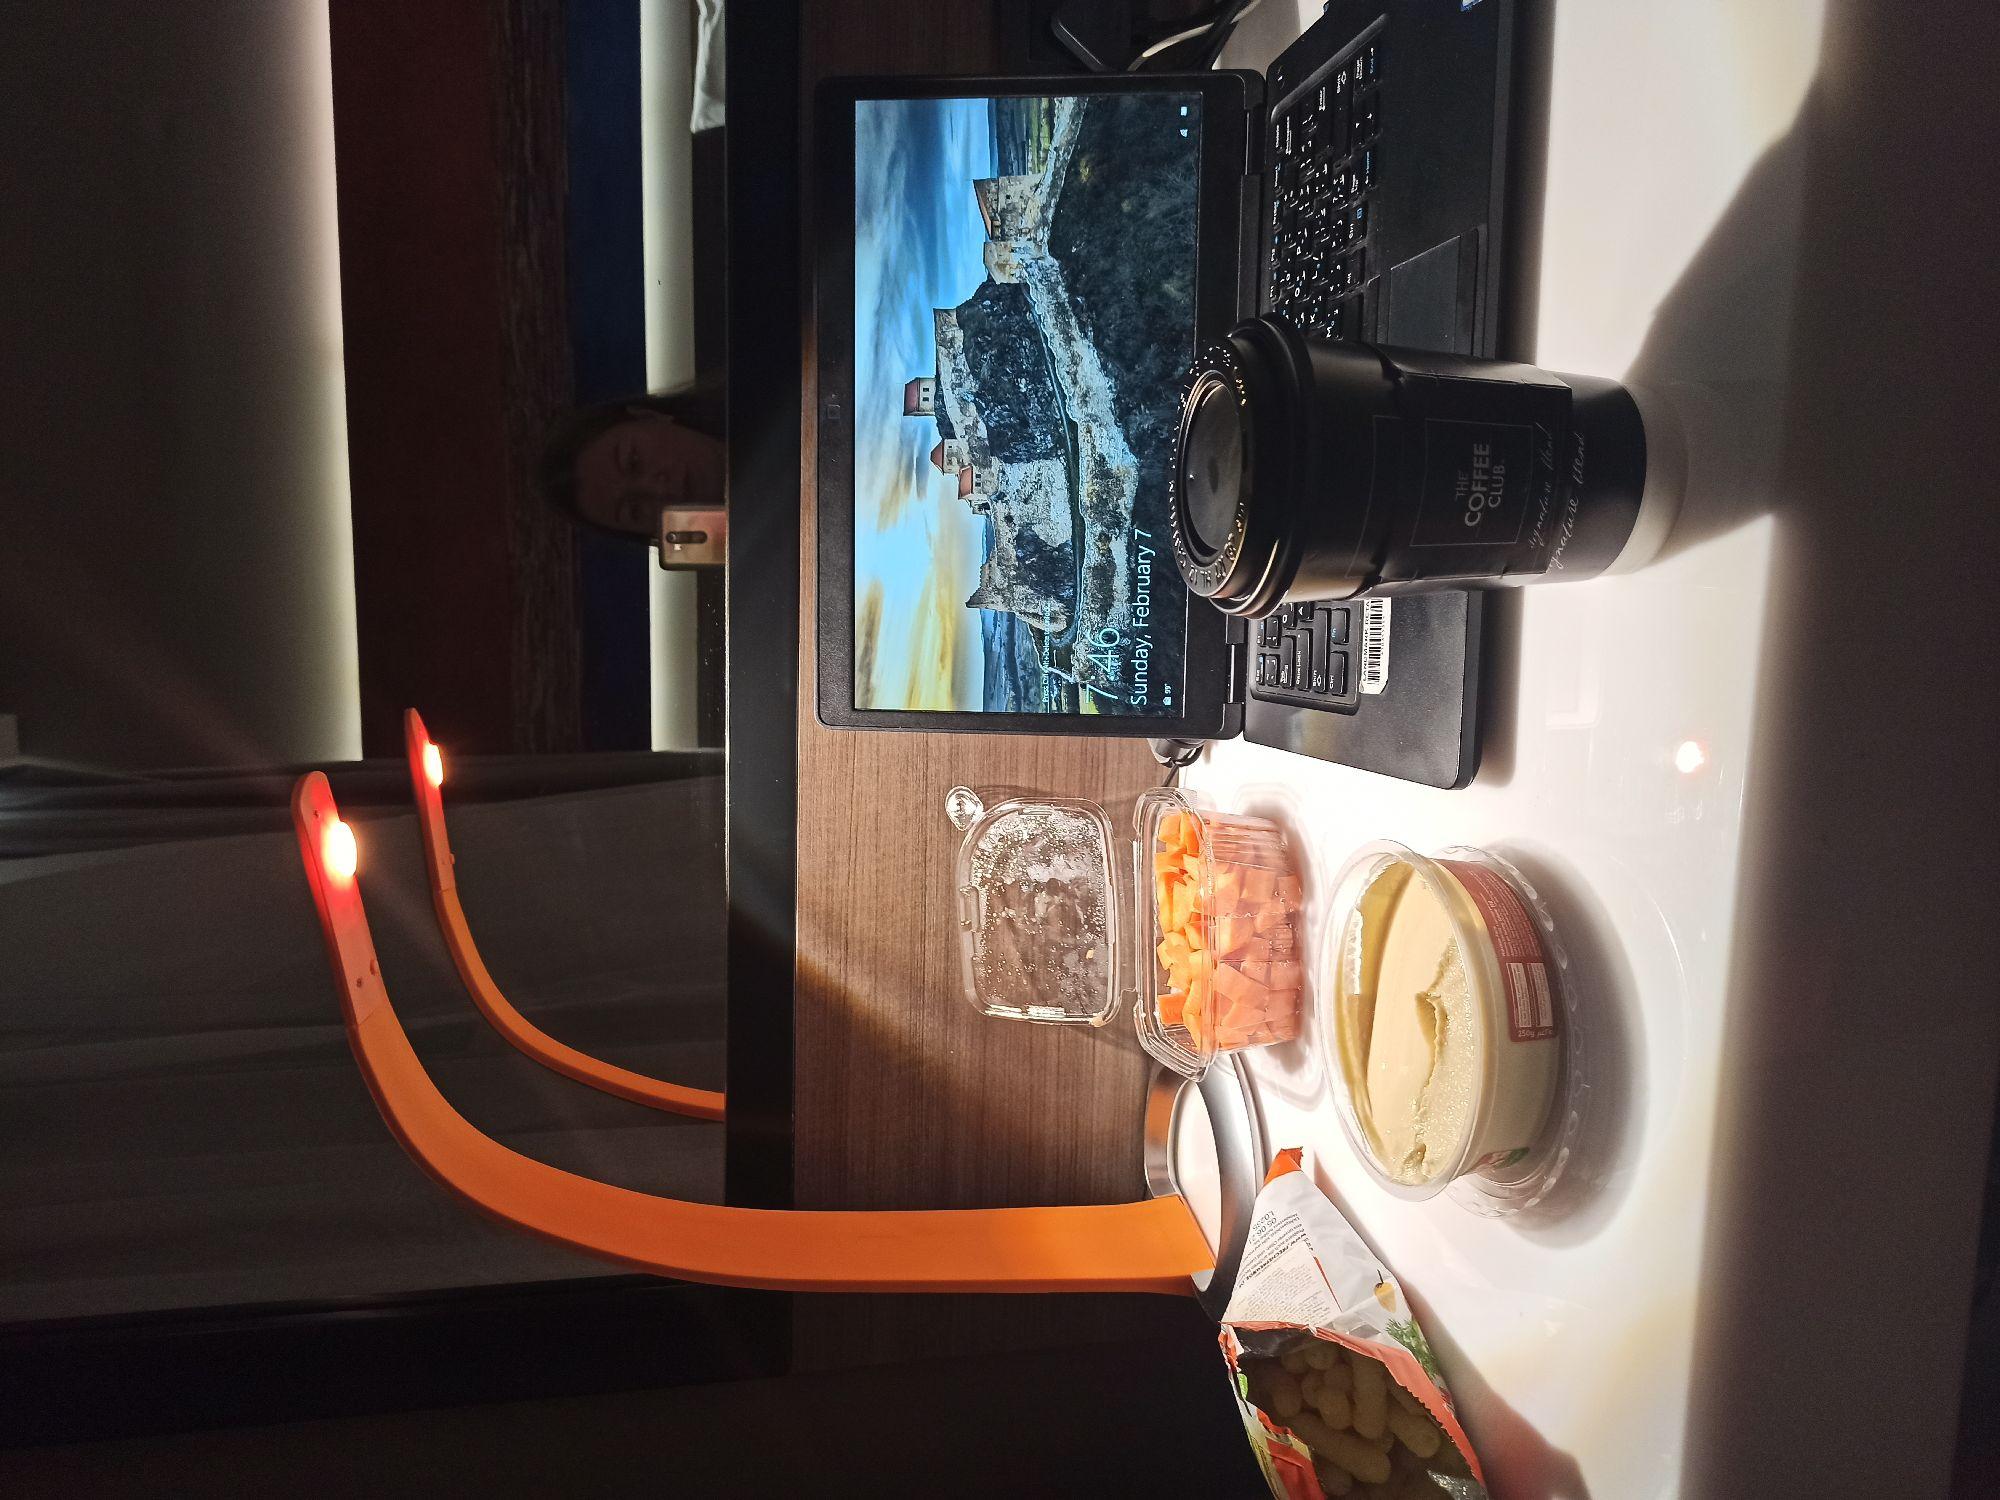 Моя еда и кофе на рабочем месте в отеле